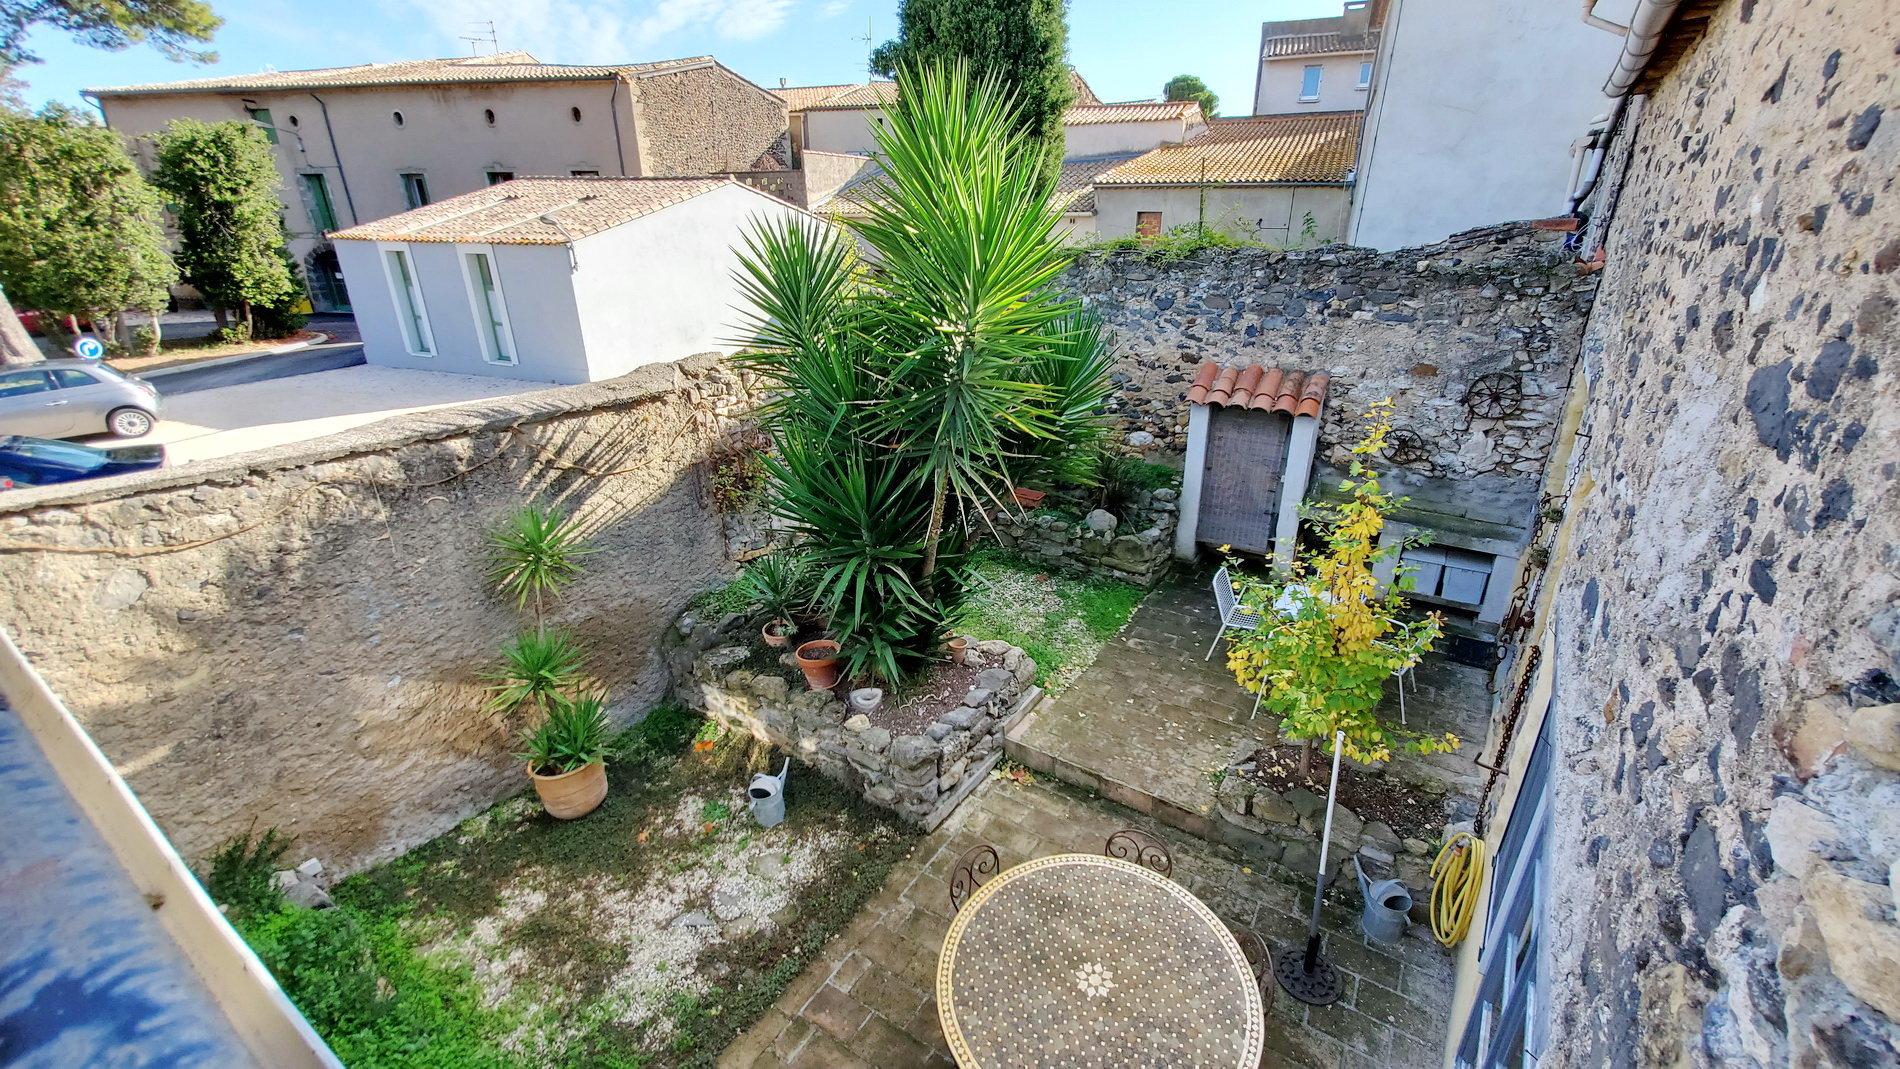 Belle maison de village avec cour et terrasse